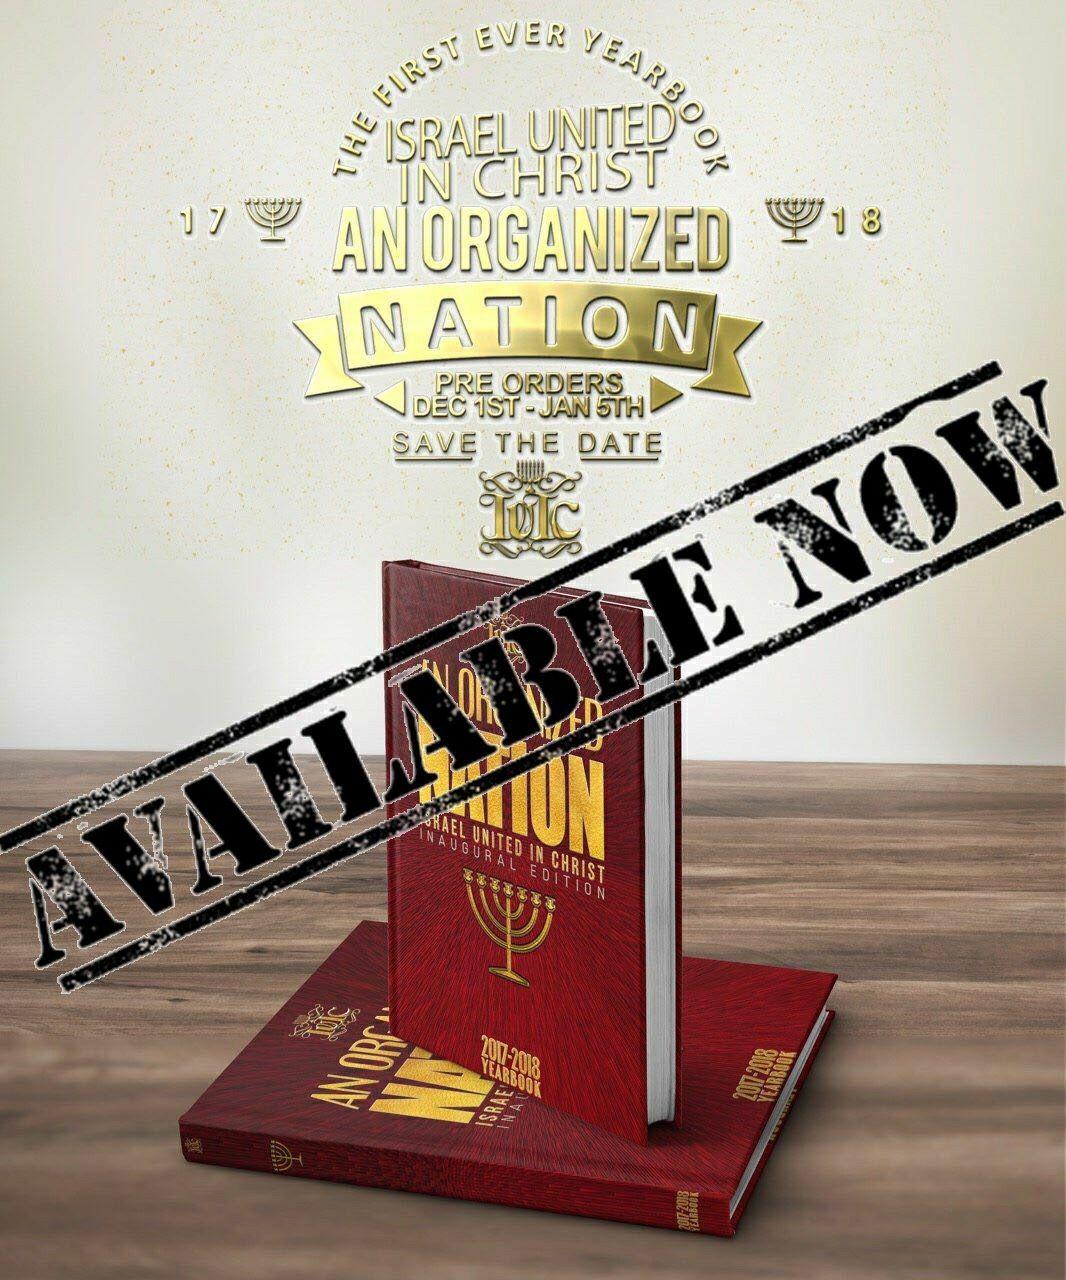 Pin By Yoshiyah Juda Ben Israel On Israelites